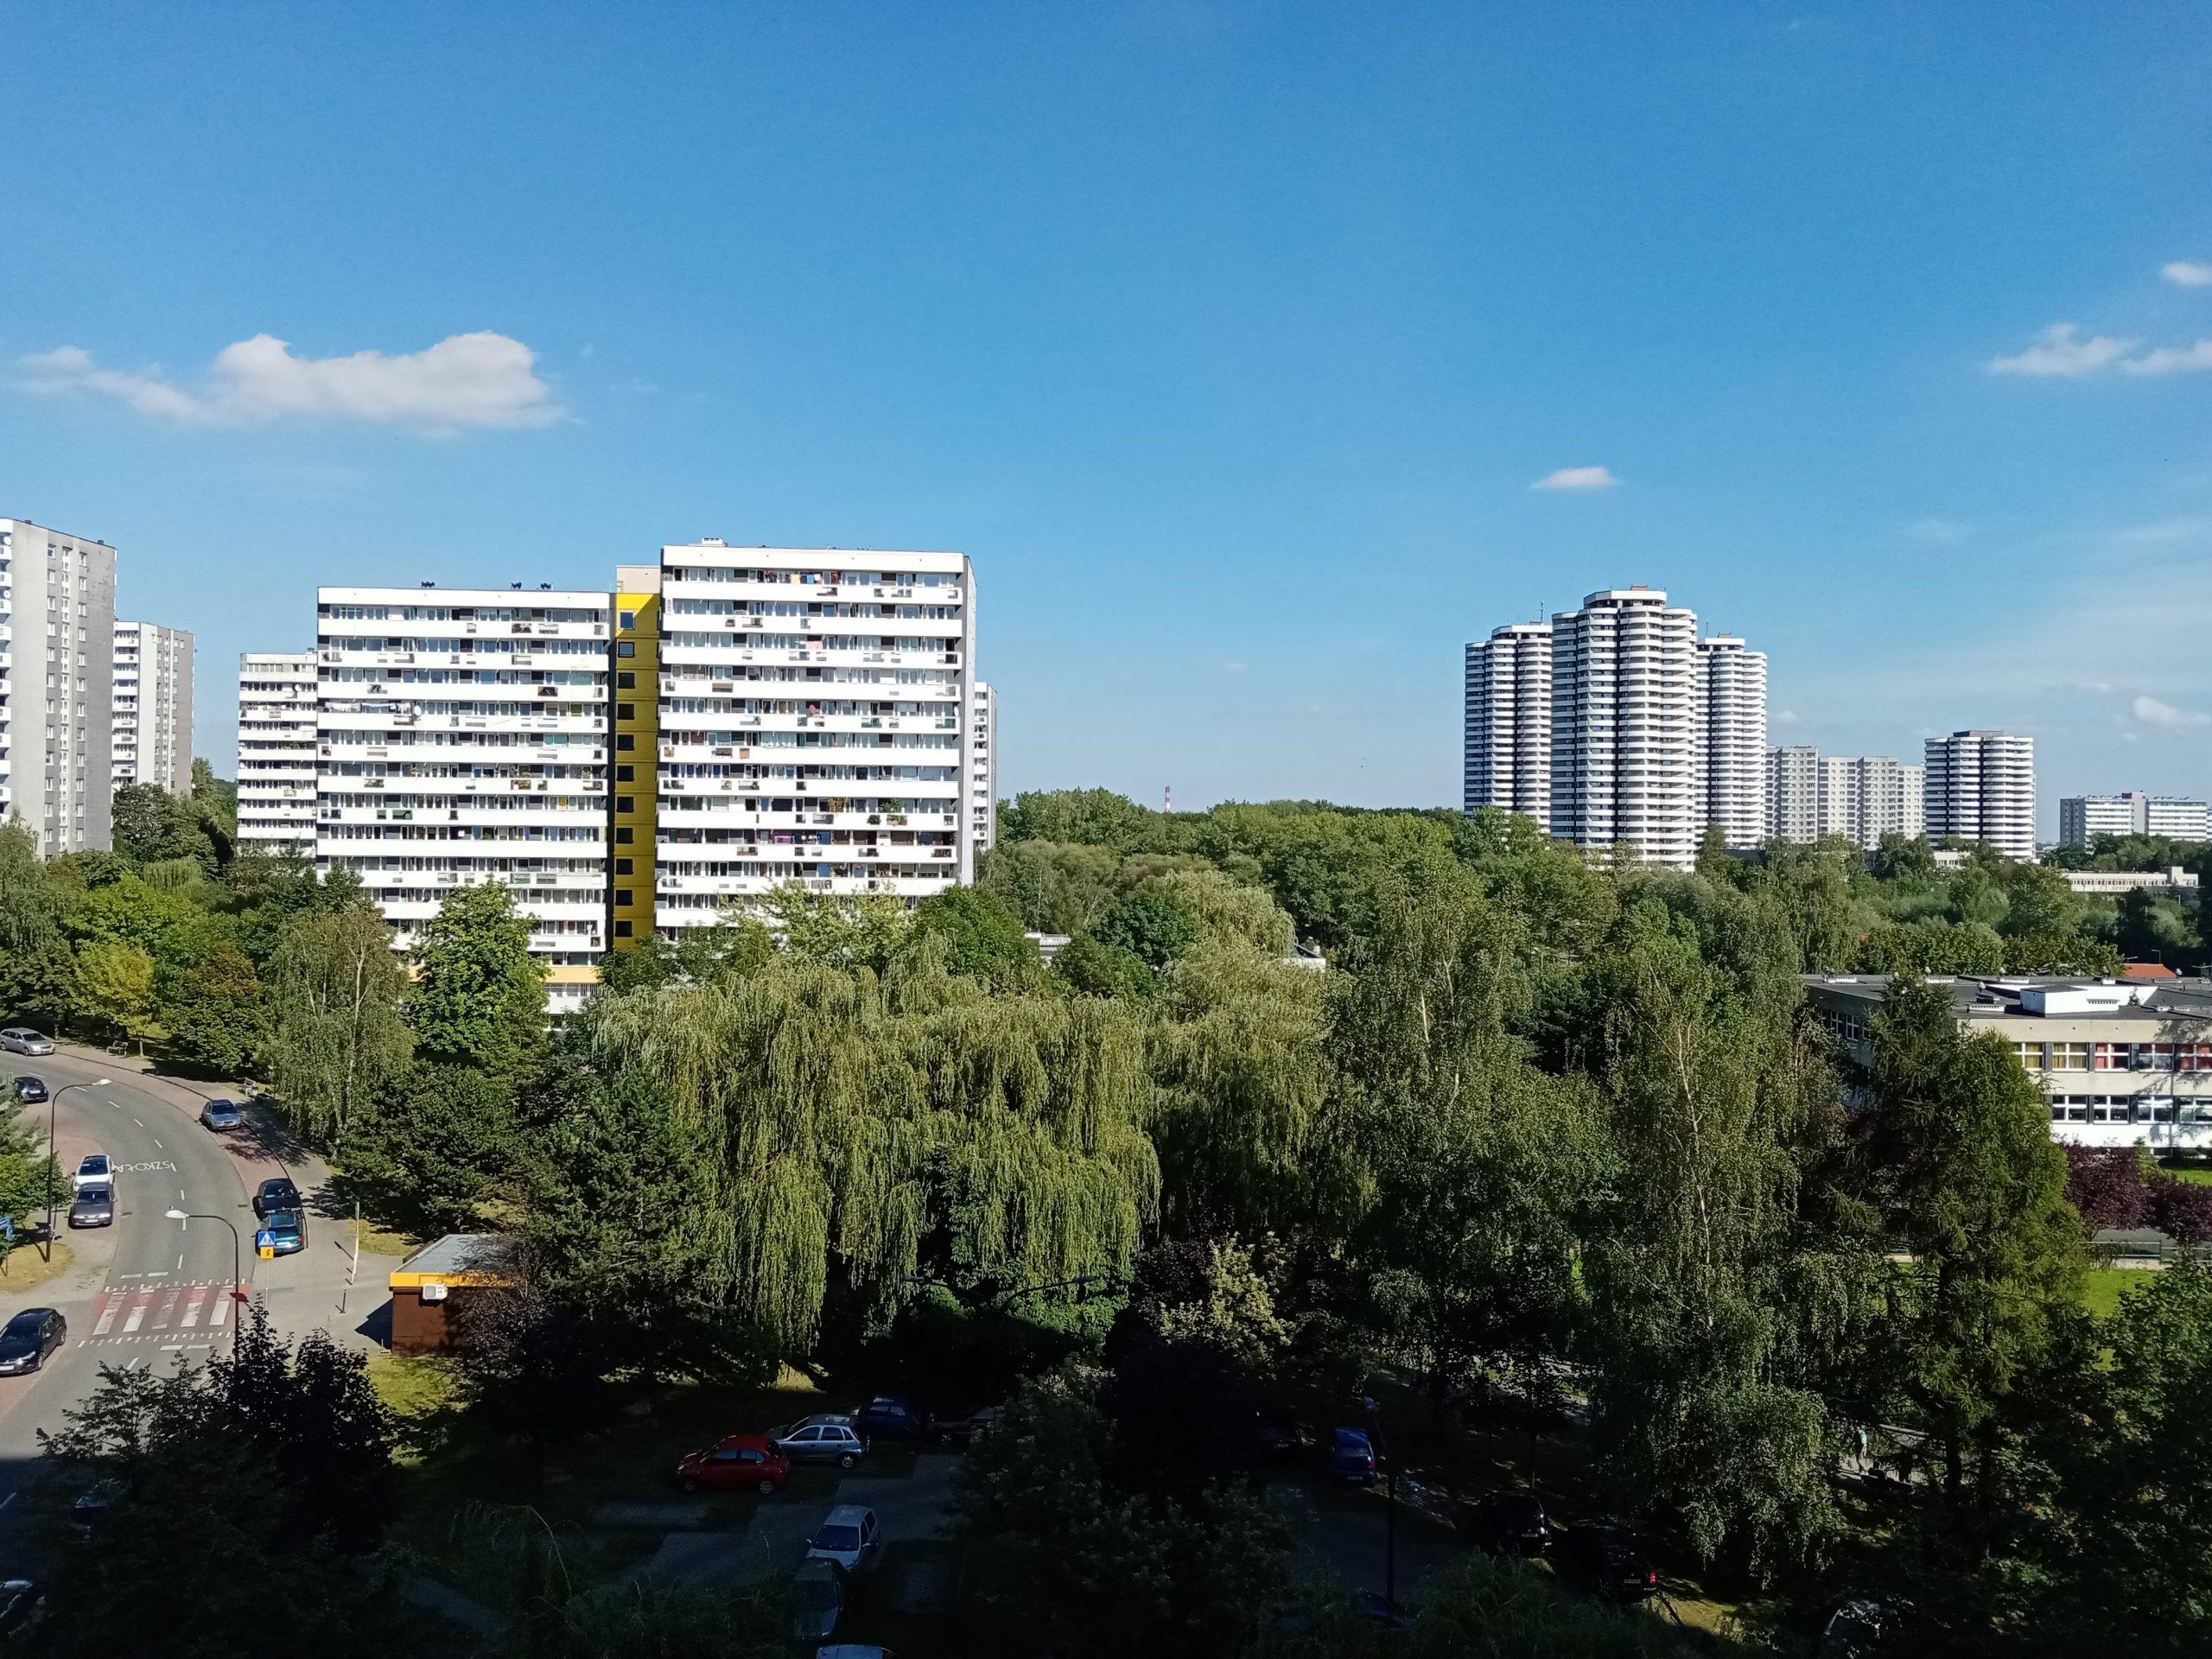 Słoneczna pogoda - Huawei Y6p